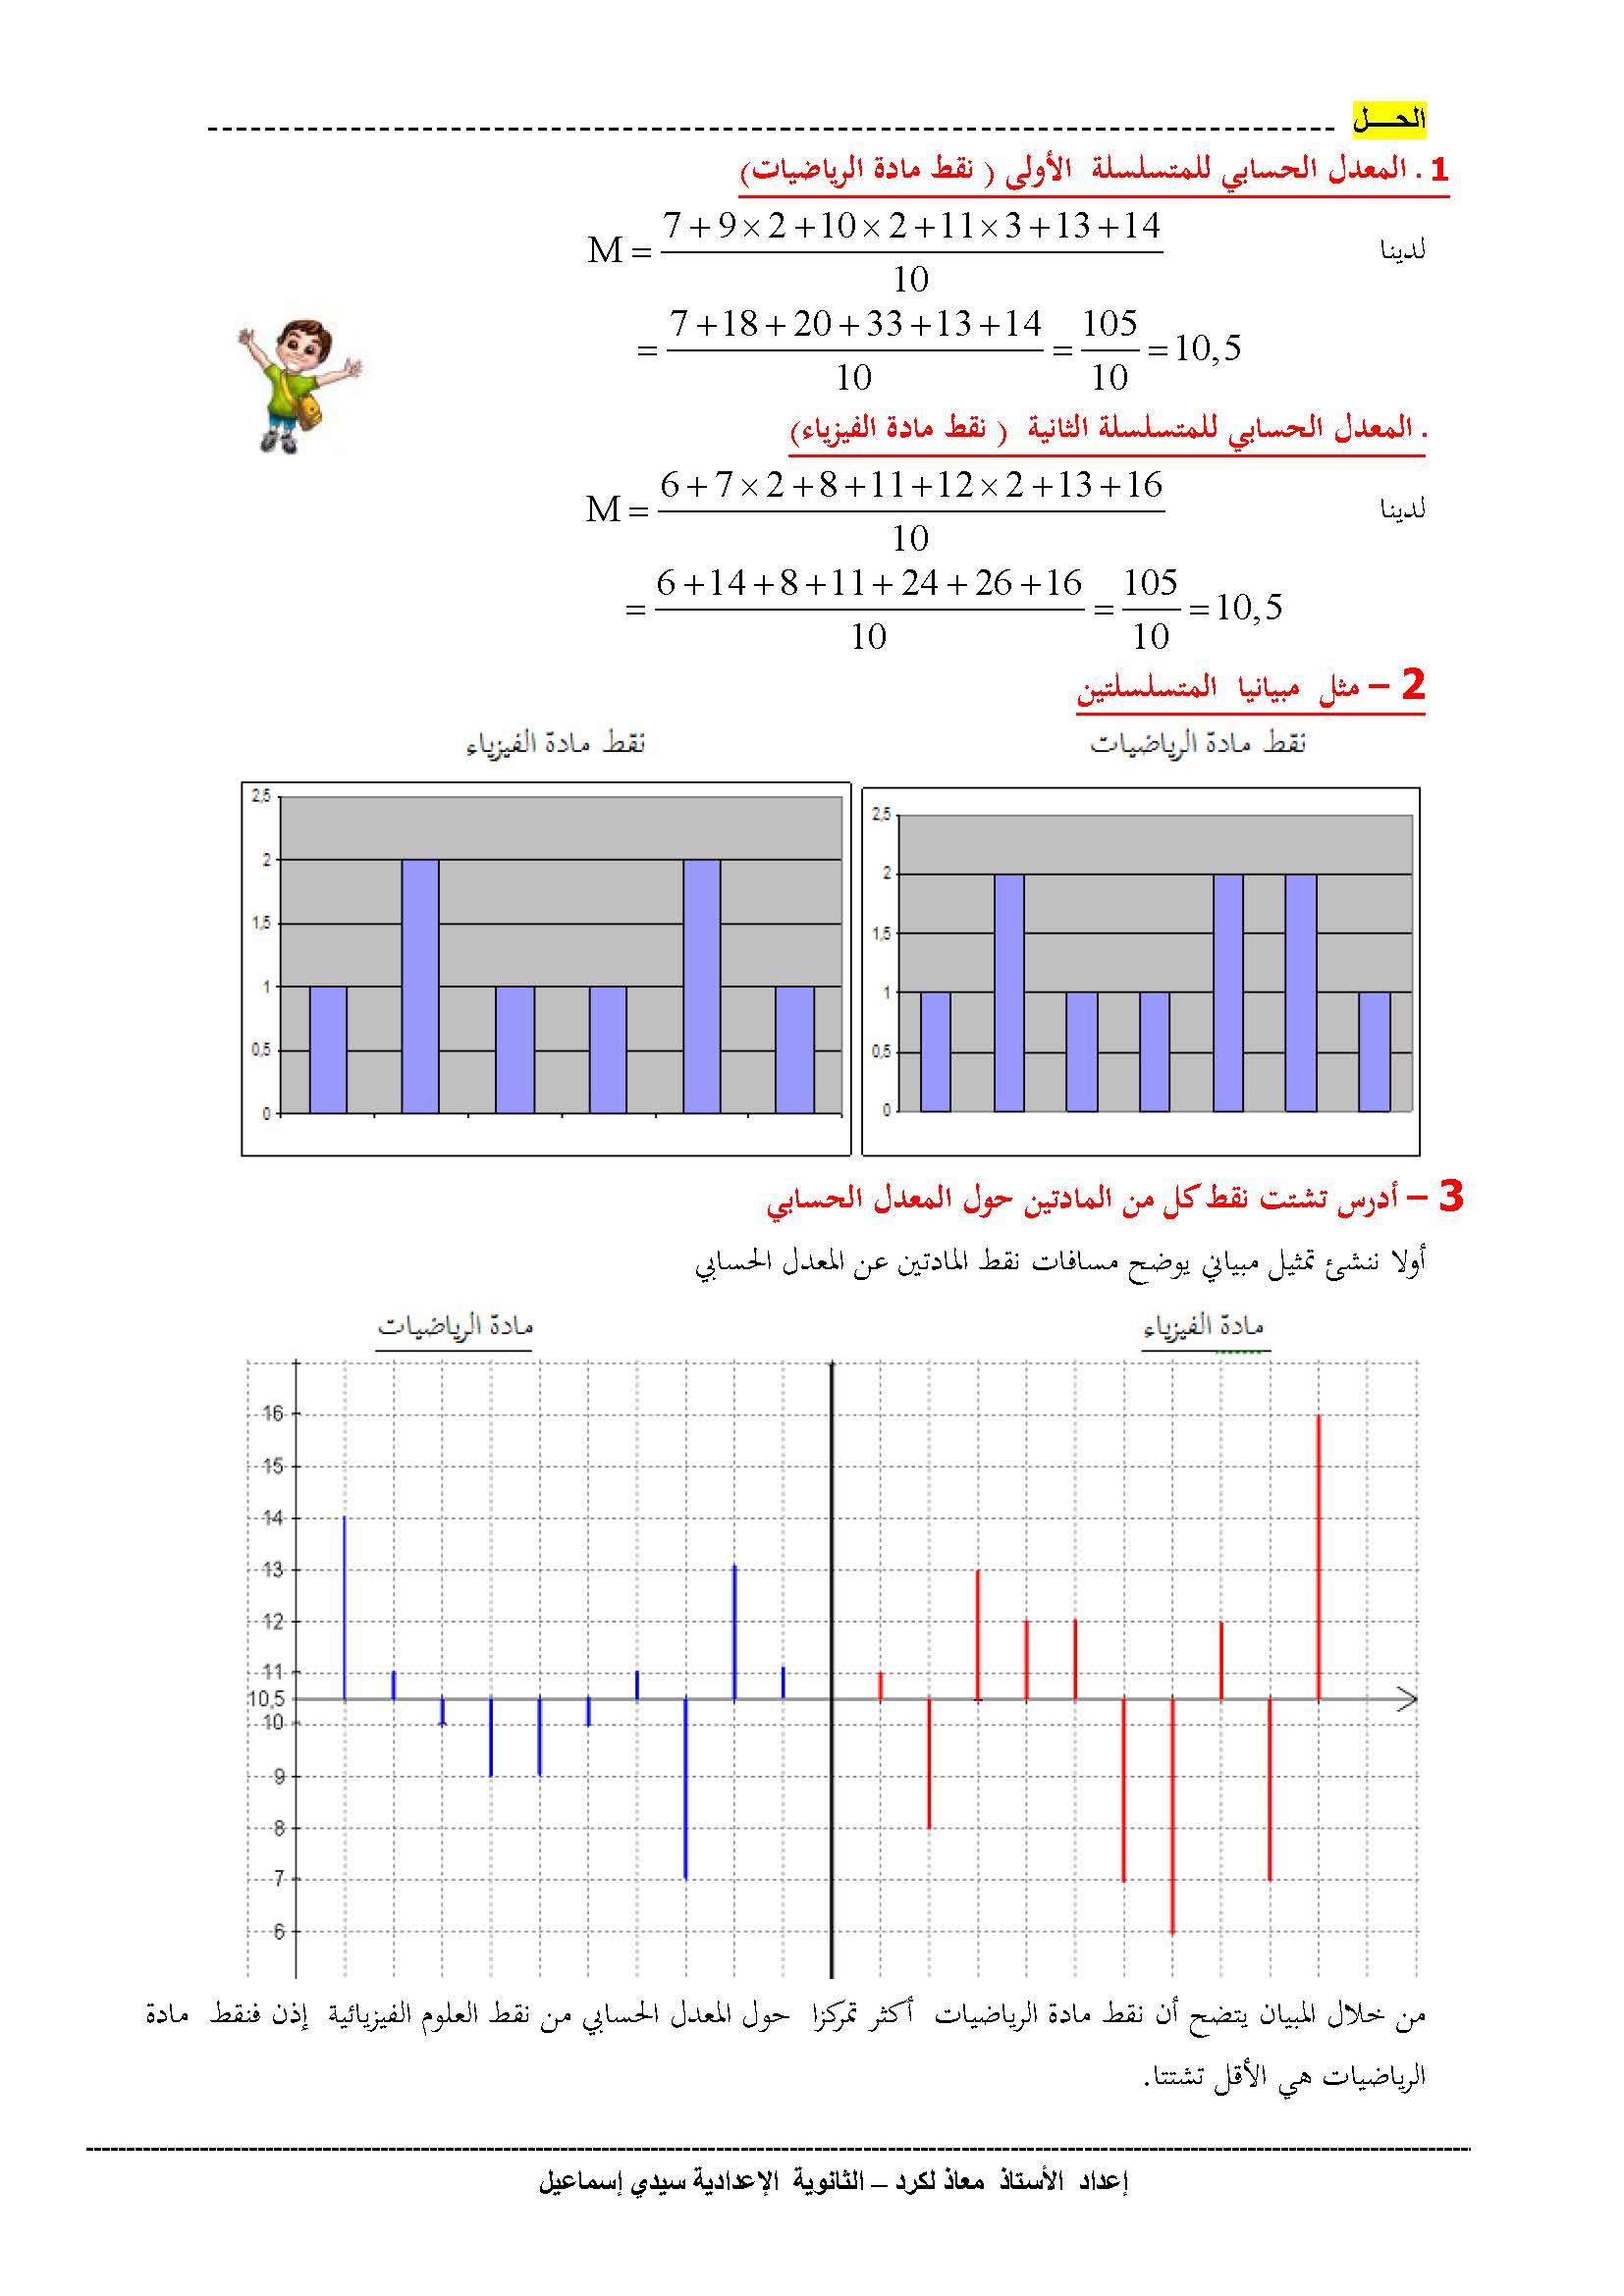 دروس الرياضيات: الإحصاء + تطبيقات | الثالثة إعدادي